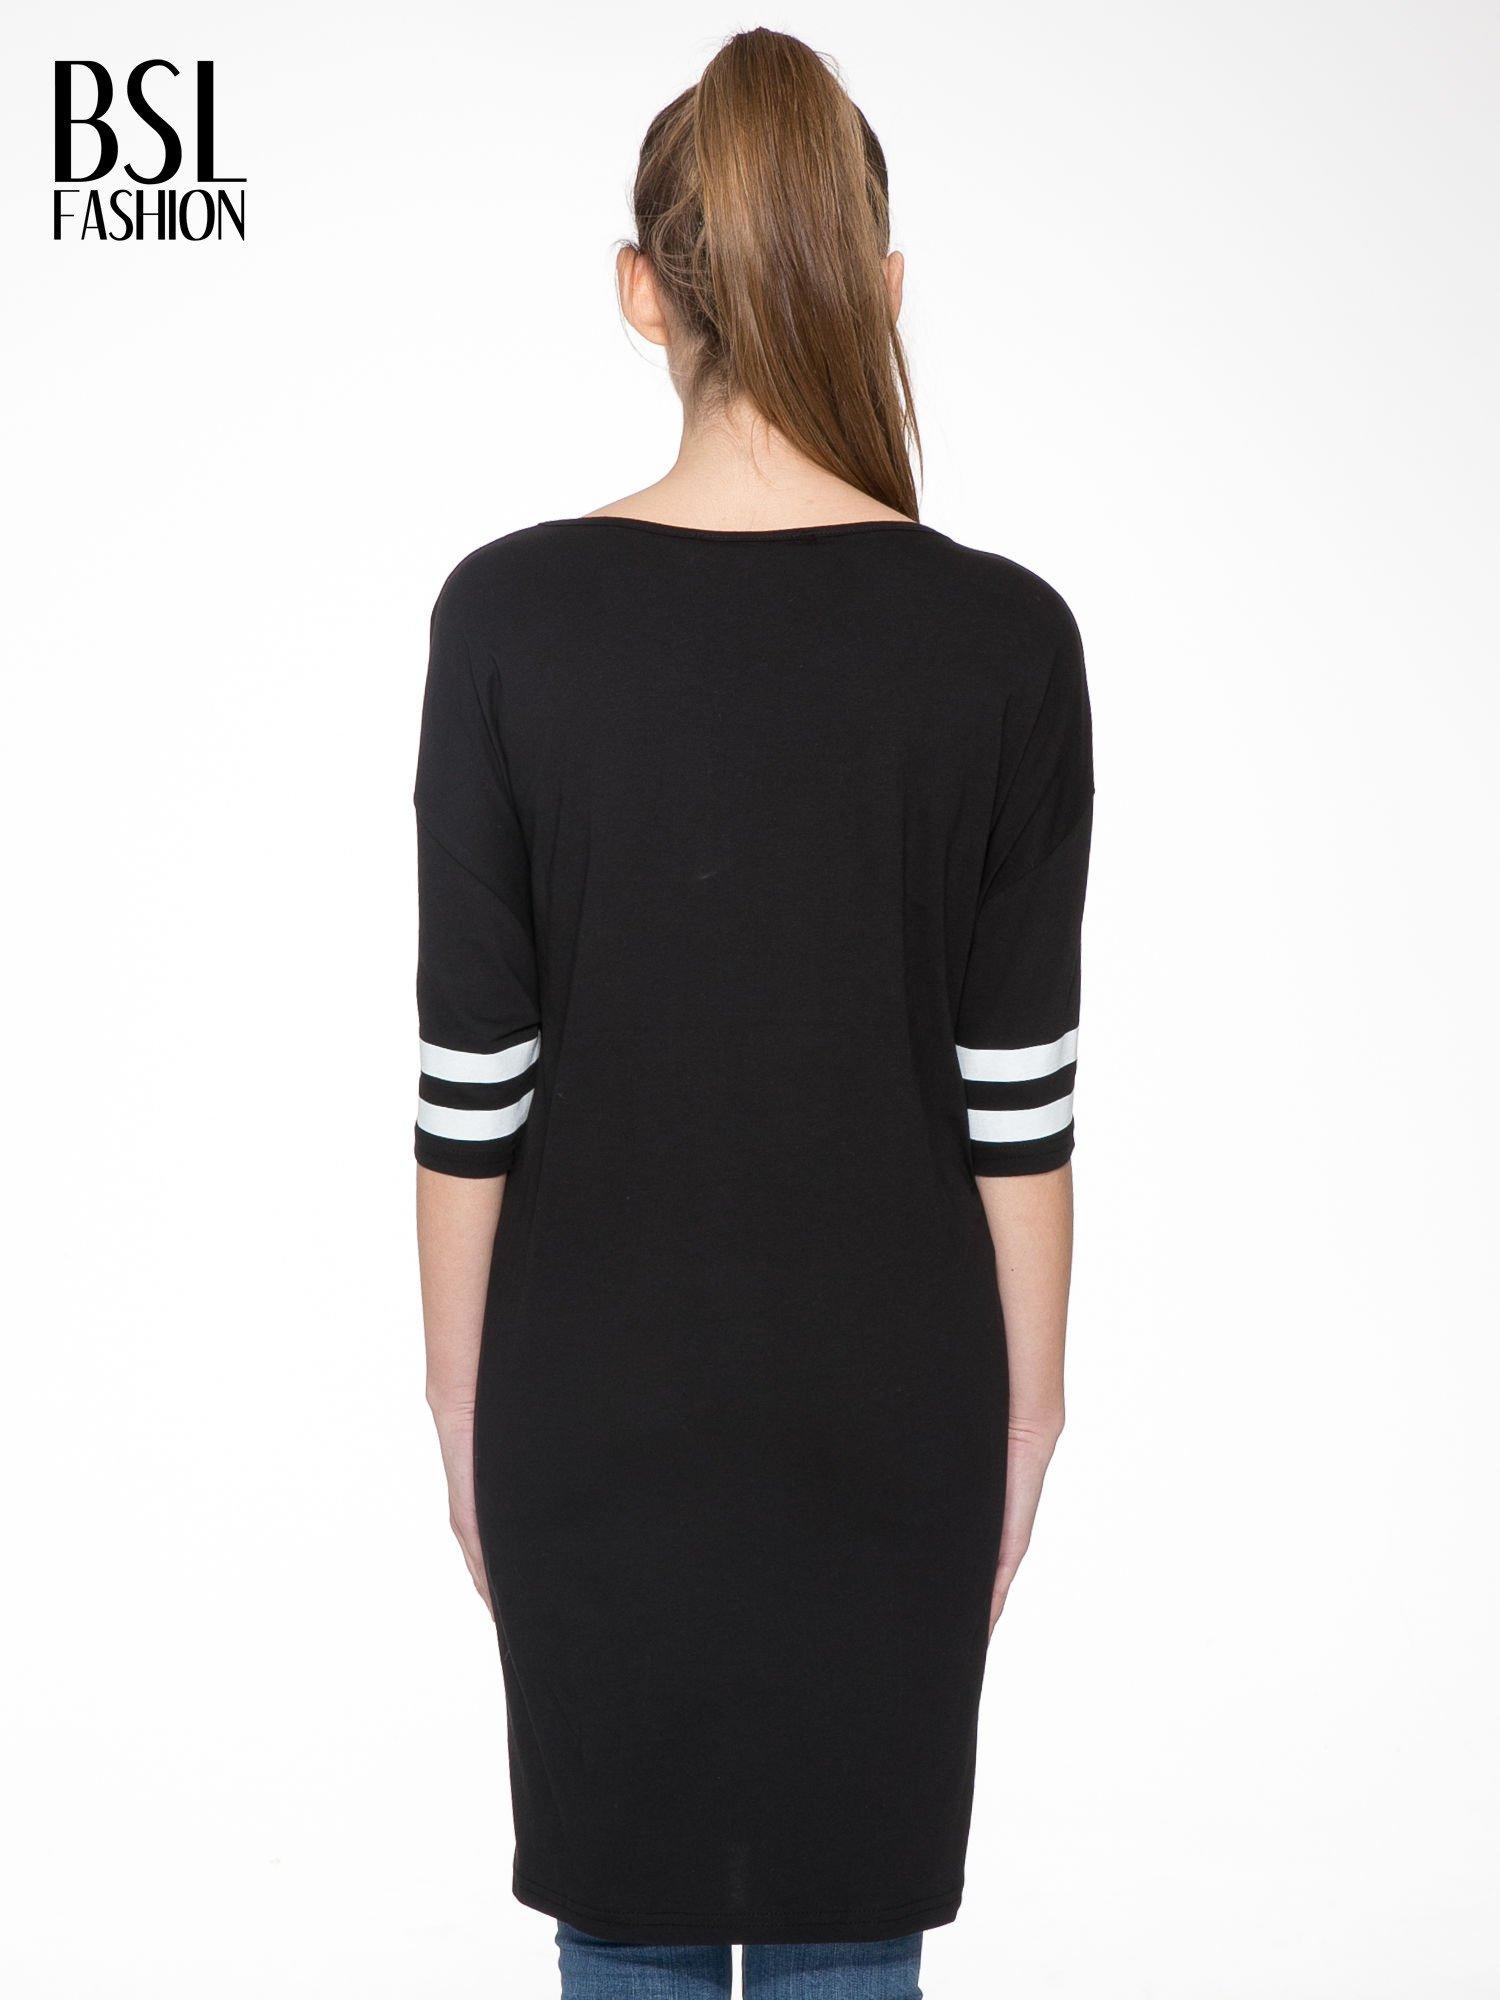 Czarna sukienka z numerem w stylu baseball dress                                  zdj.                                  4